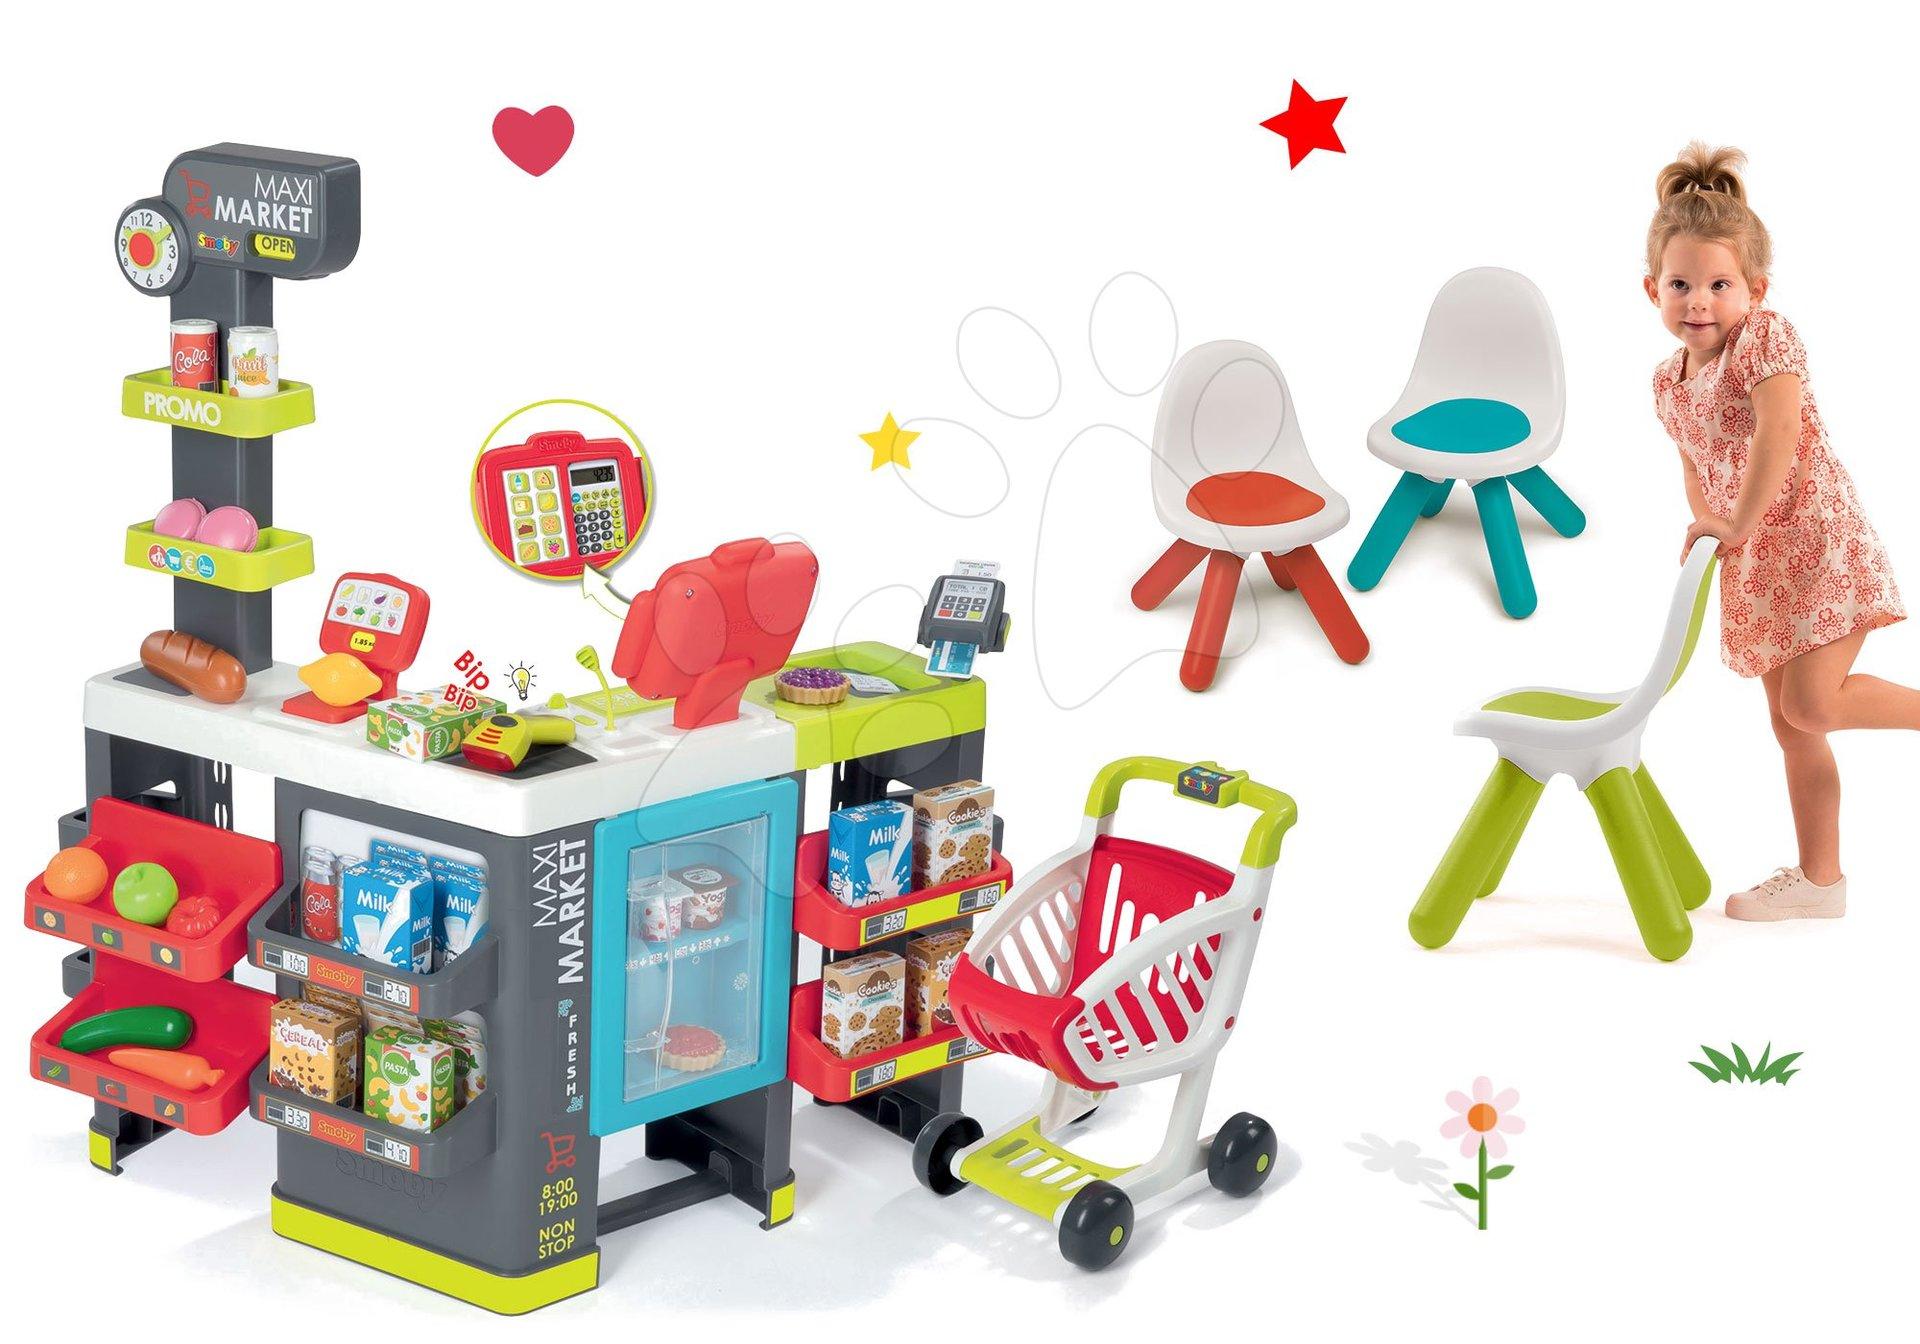 Smoby set obchod zmiešaný tovar Maximarket a stoličky KidChair červená, zelená a modrá 350215-11